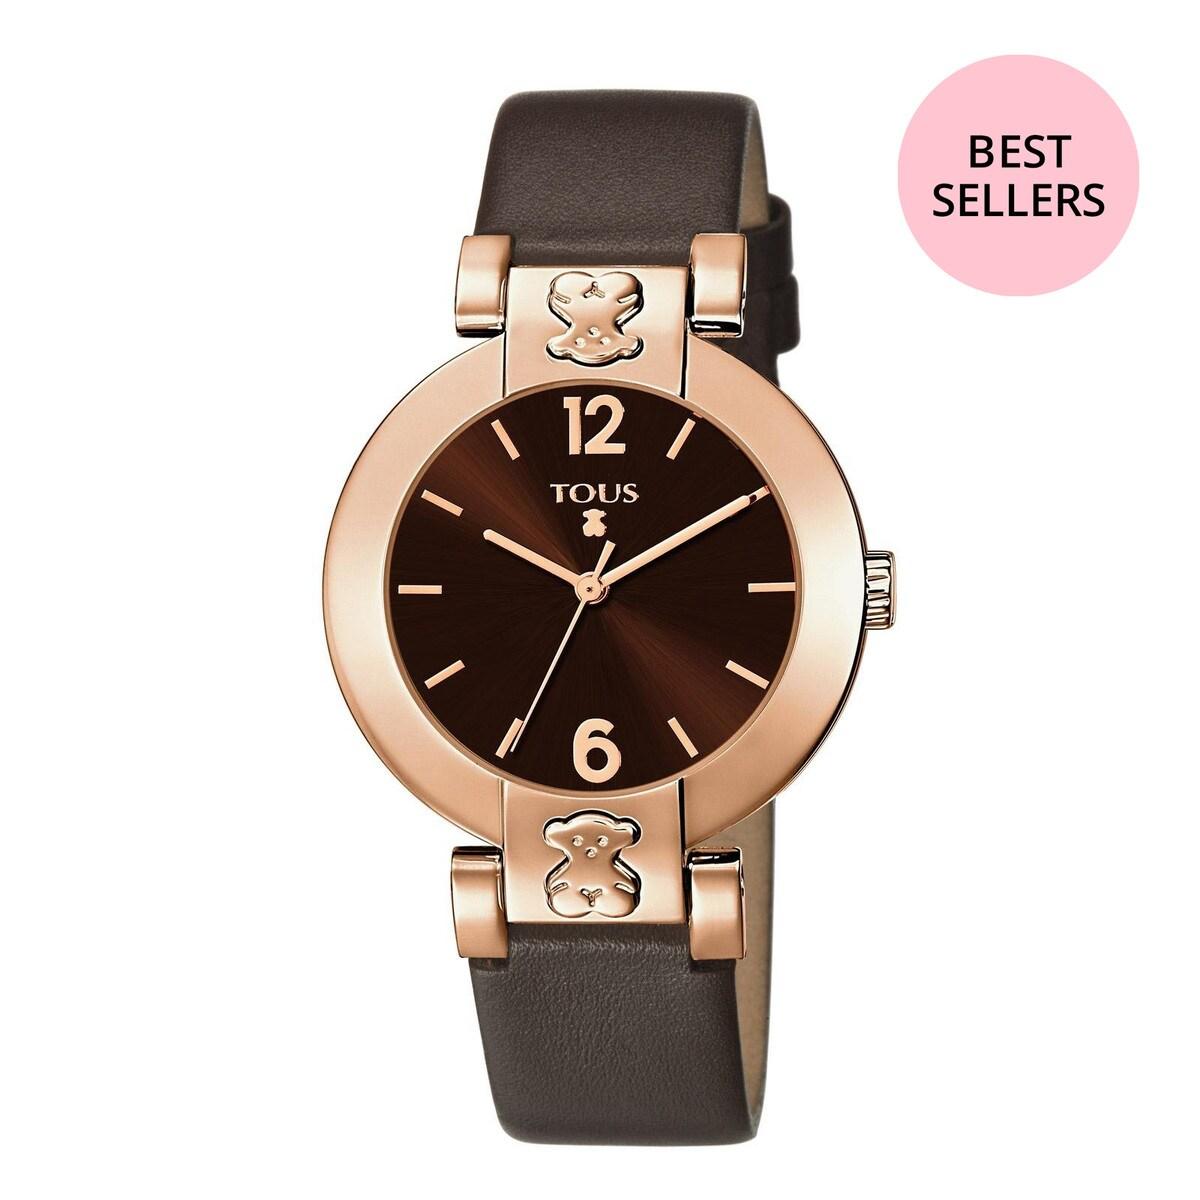 Rellotge Plate Round d'acer IP rosat amb corretja de pell marró